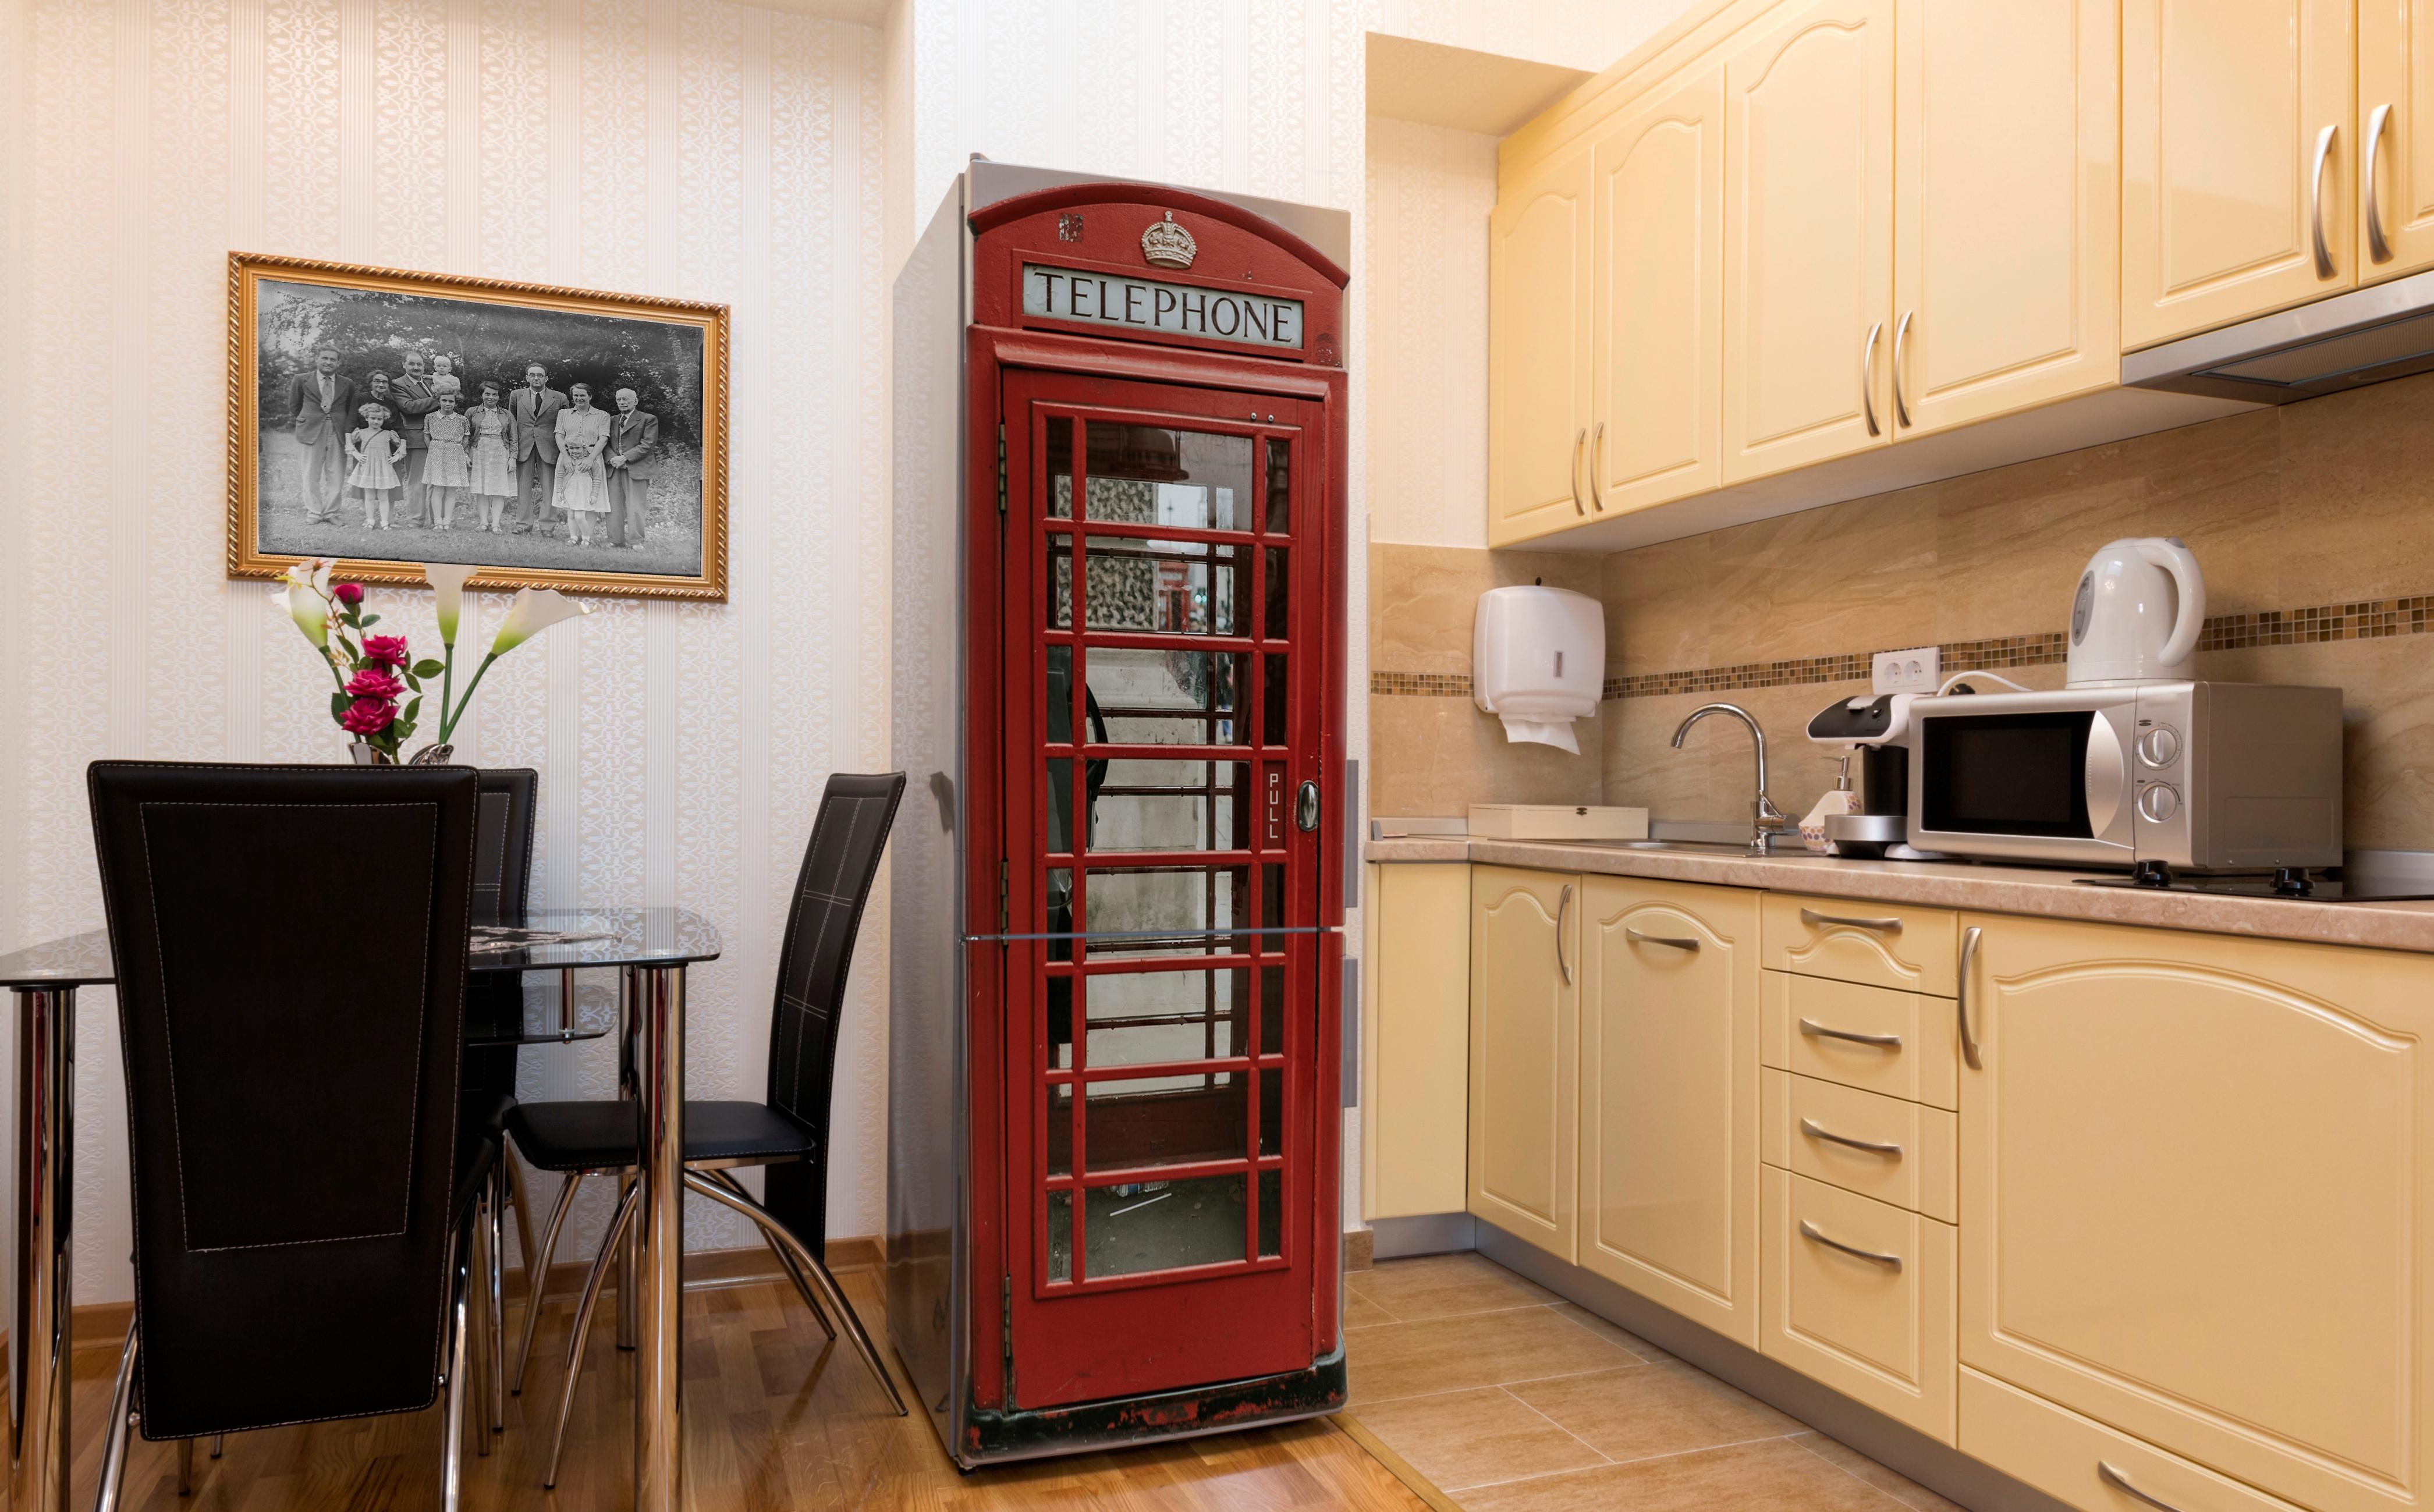 Telephone box fridge cropped